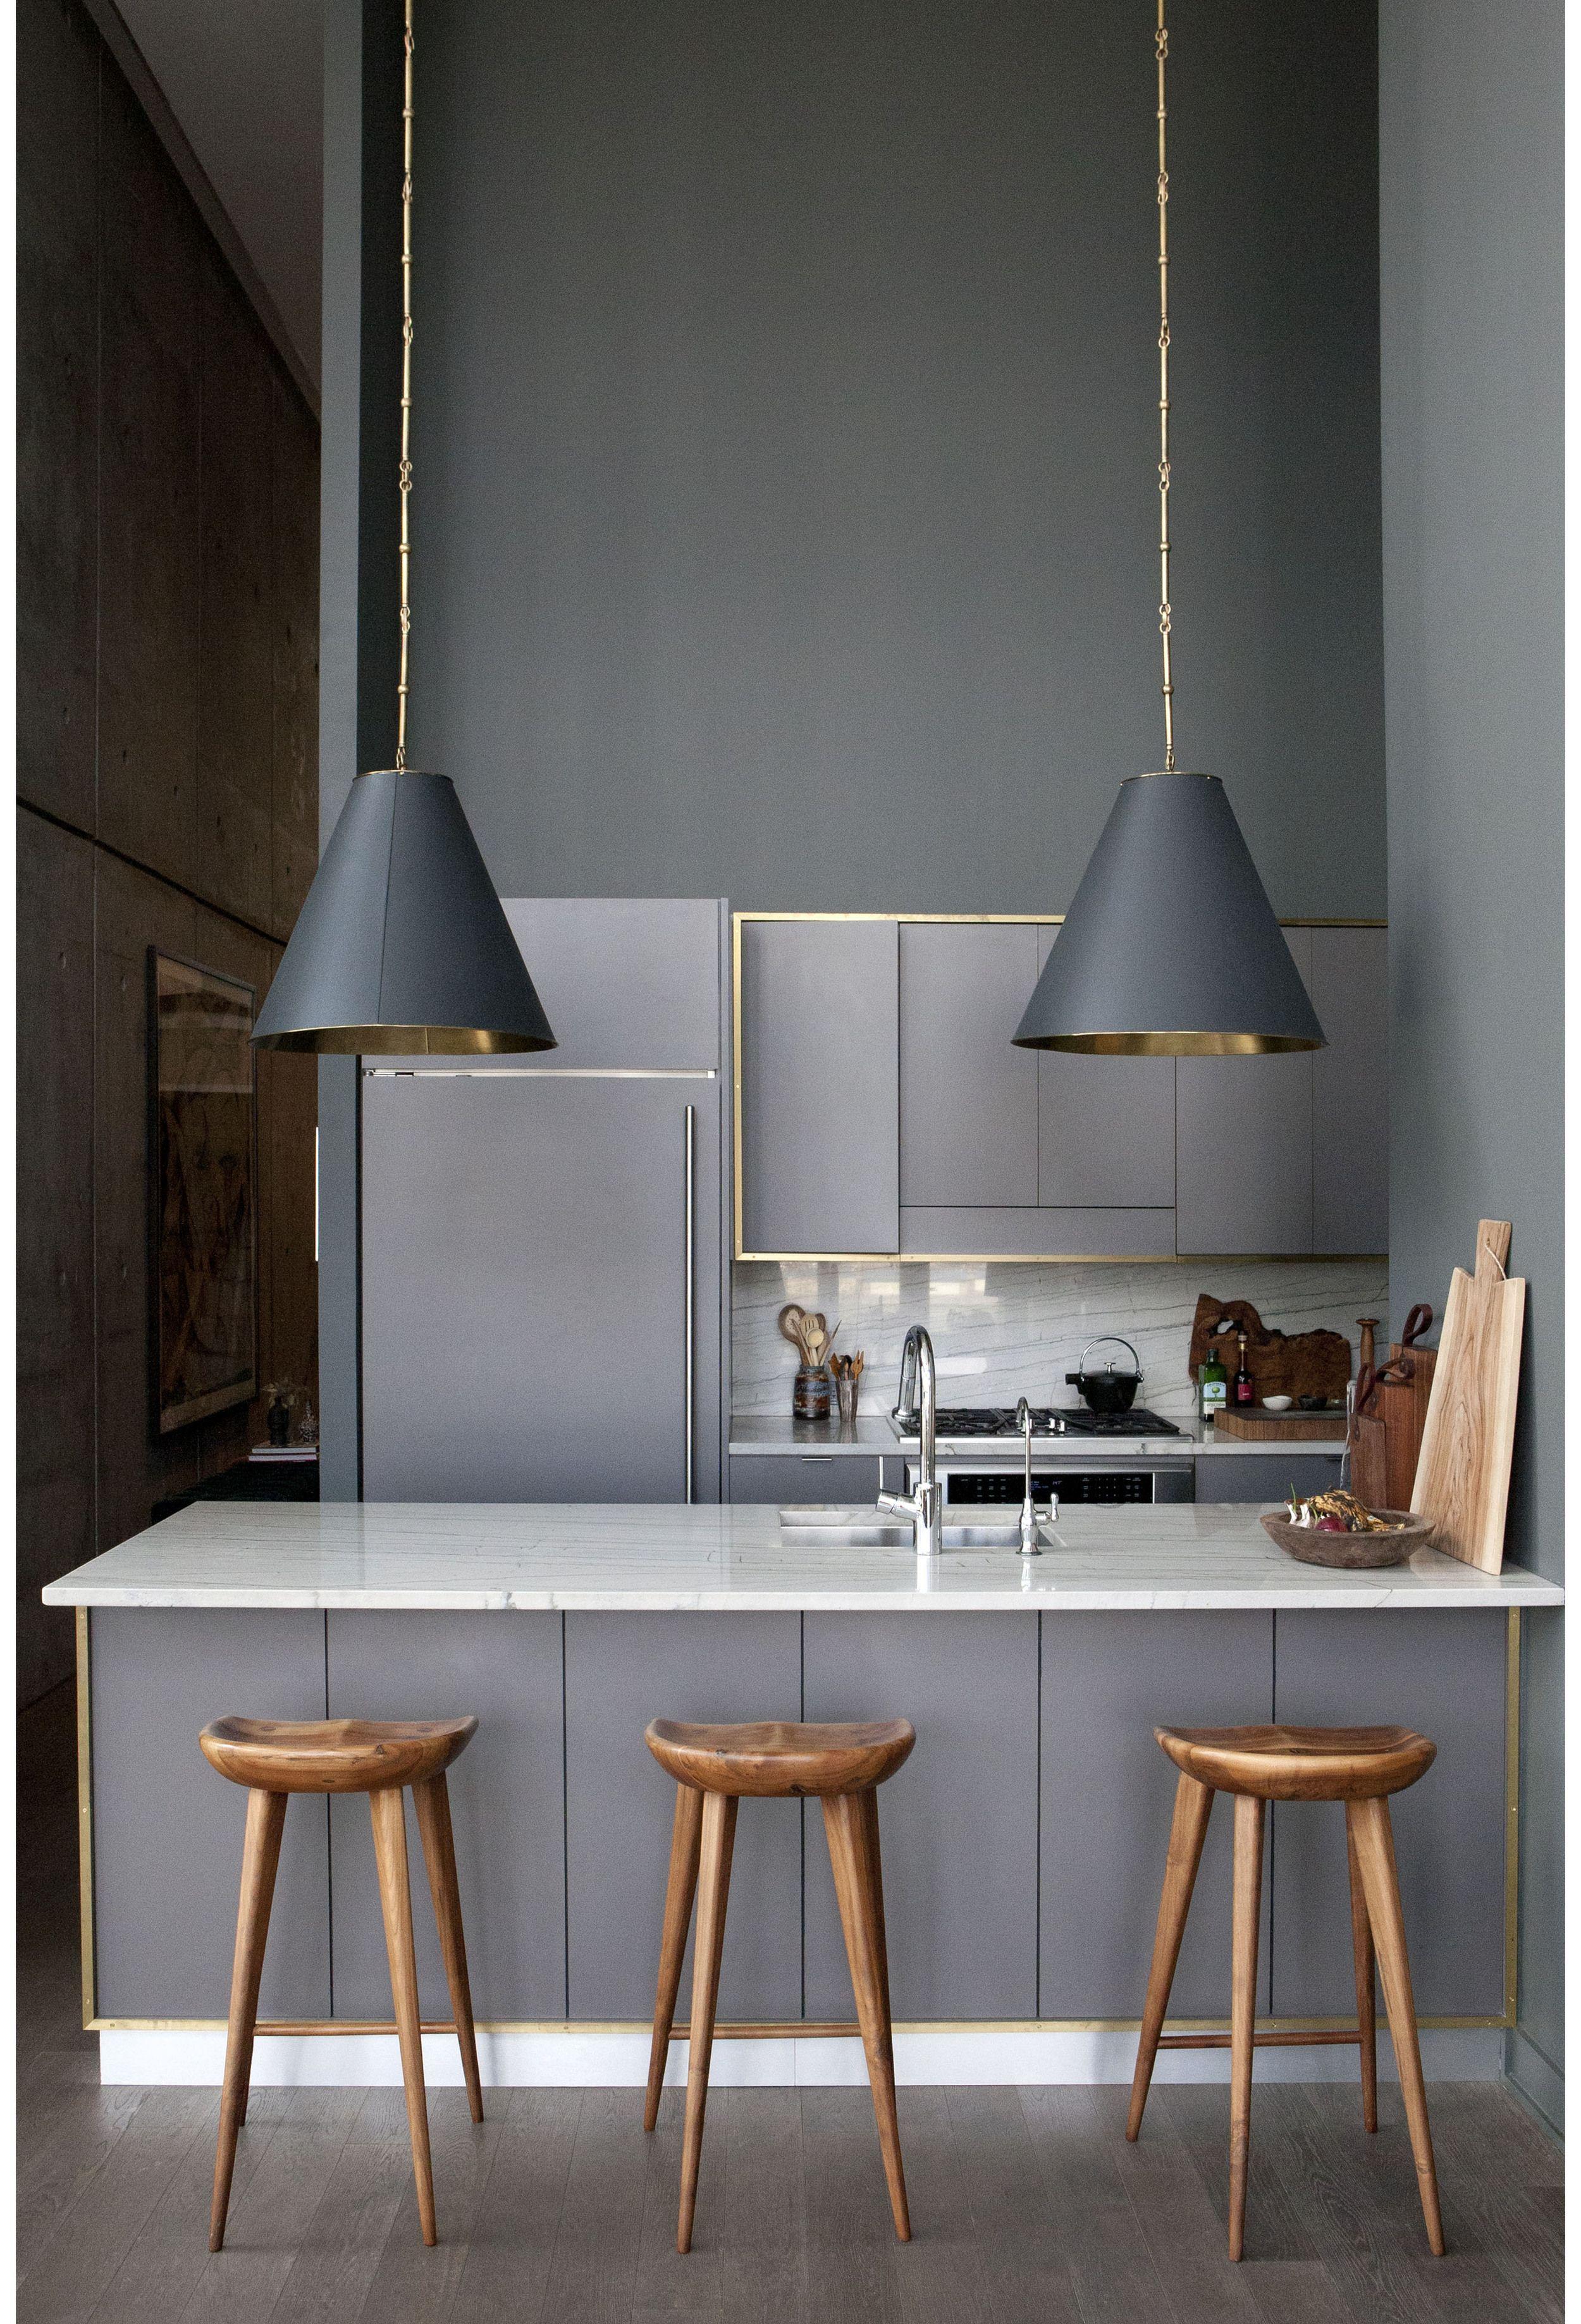 graue k che mit holzhockern wandfarbe minimalismus k che leuchtendgrau kitchens. Black Bedroom Furniture Sets. Home Design Ideas